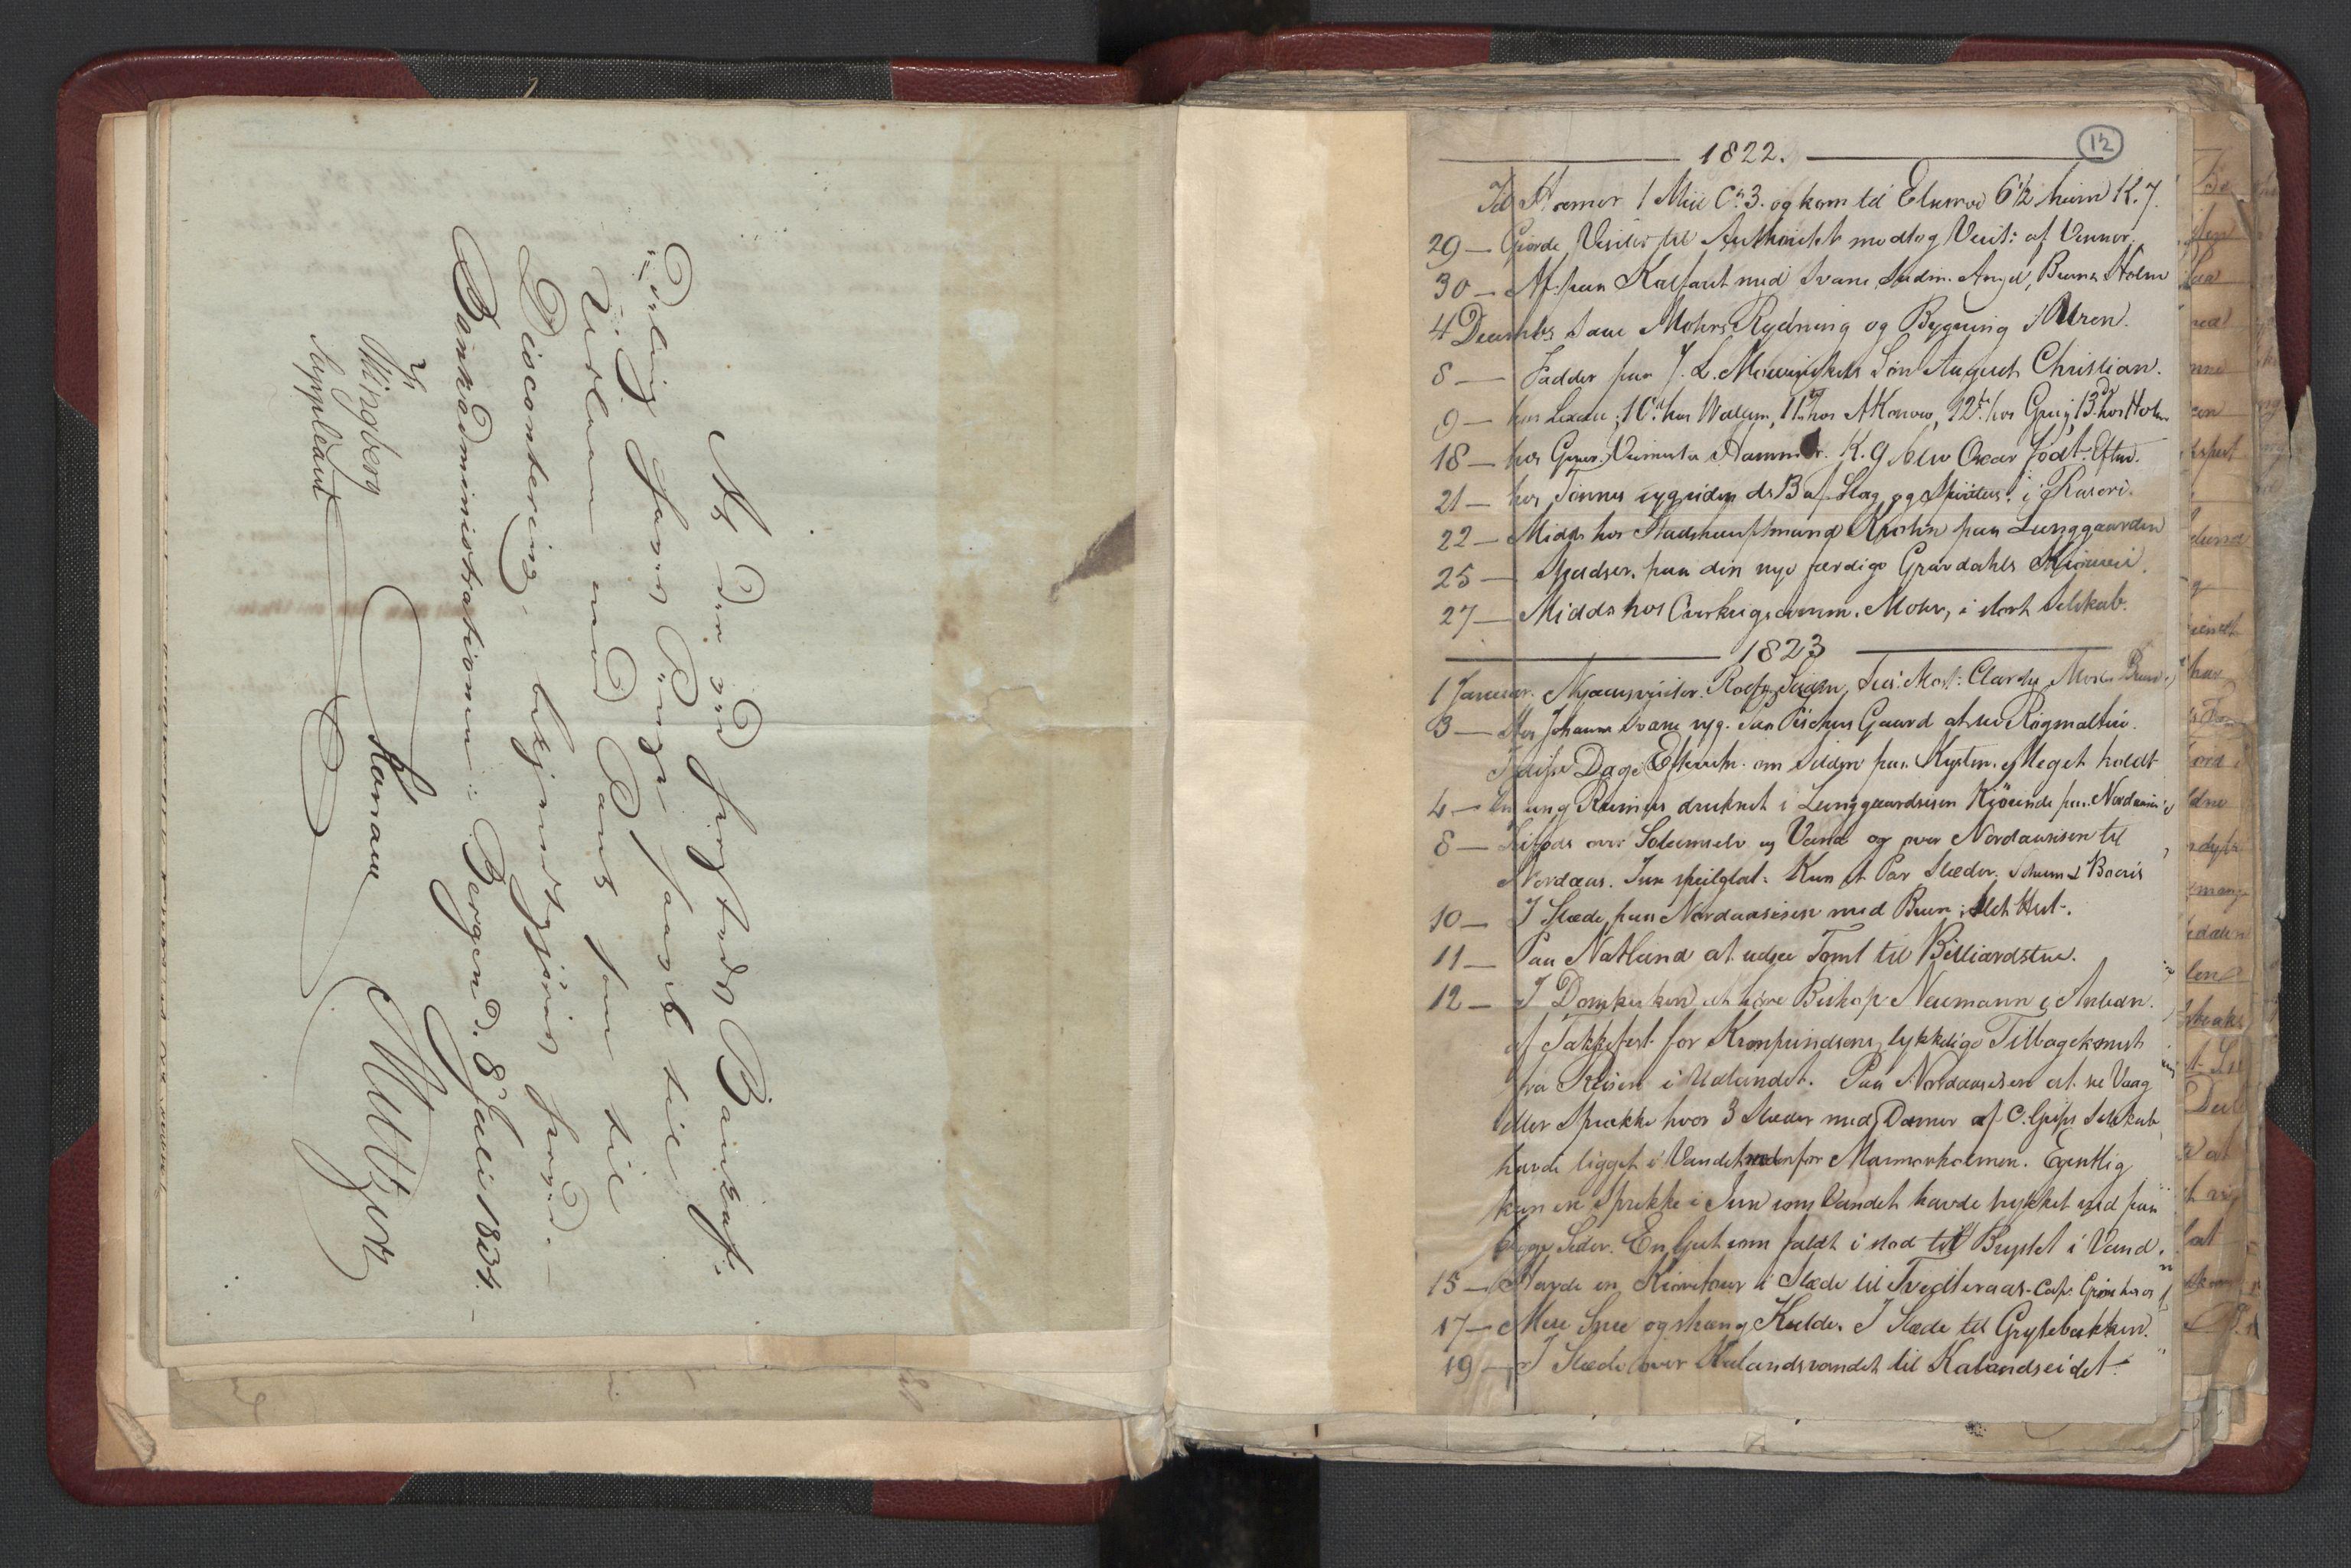 RA, Meltzer, Fredrik, F/L0004: Dagbok, 1822-1830, s. 11b-12a